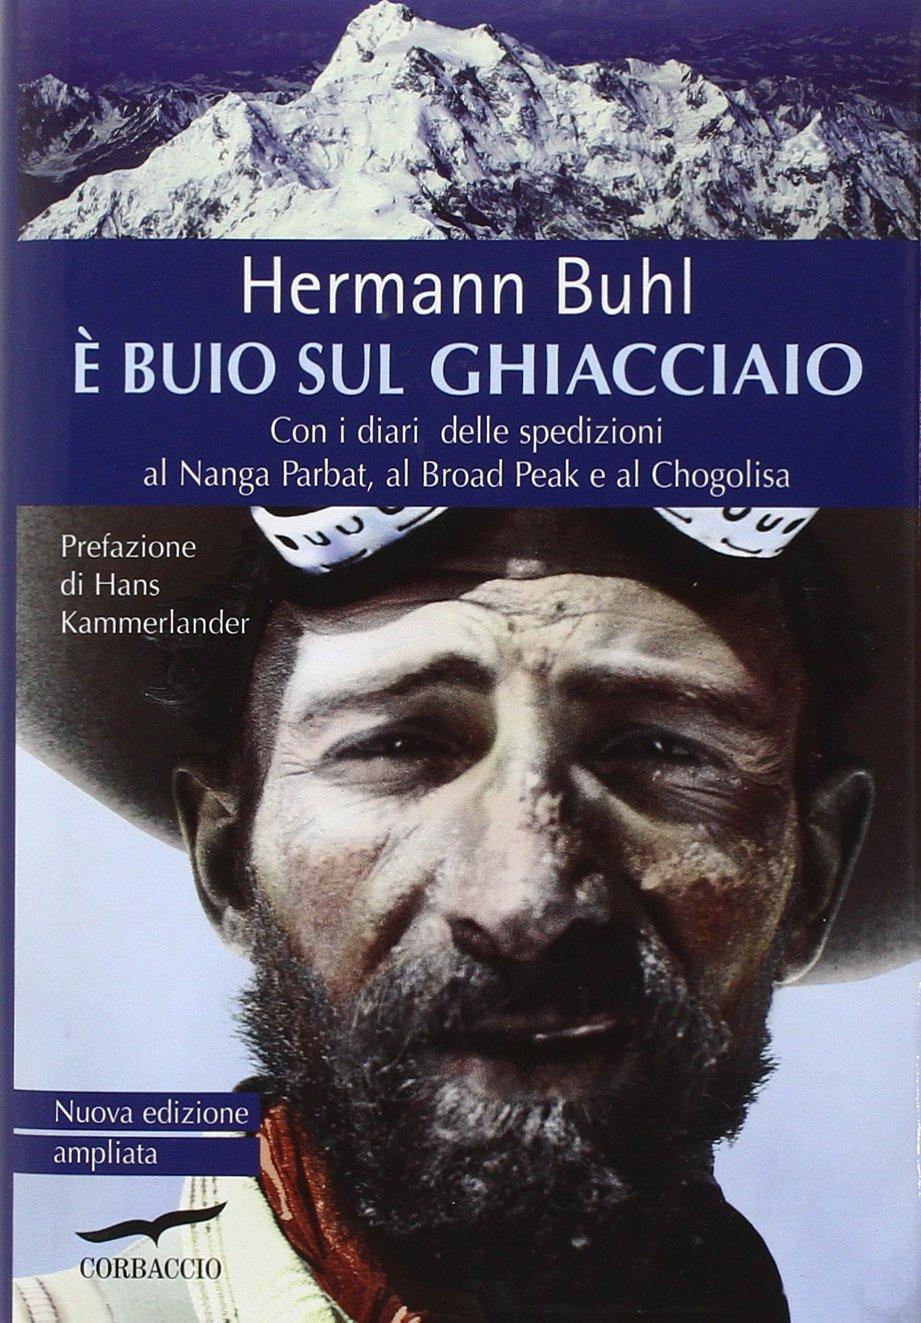 biblio libro buhl cover